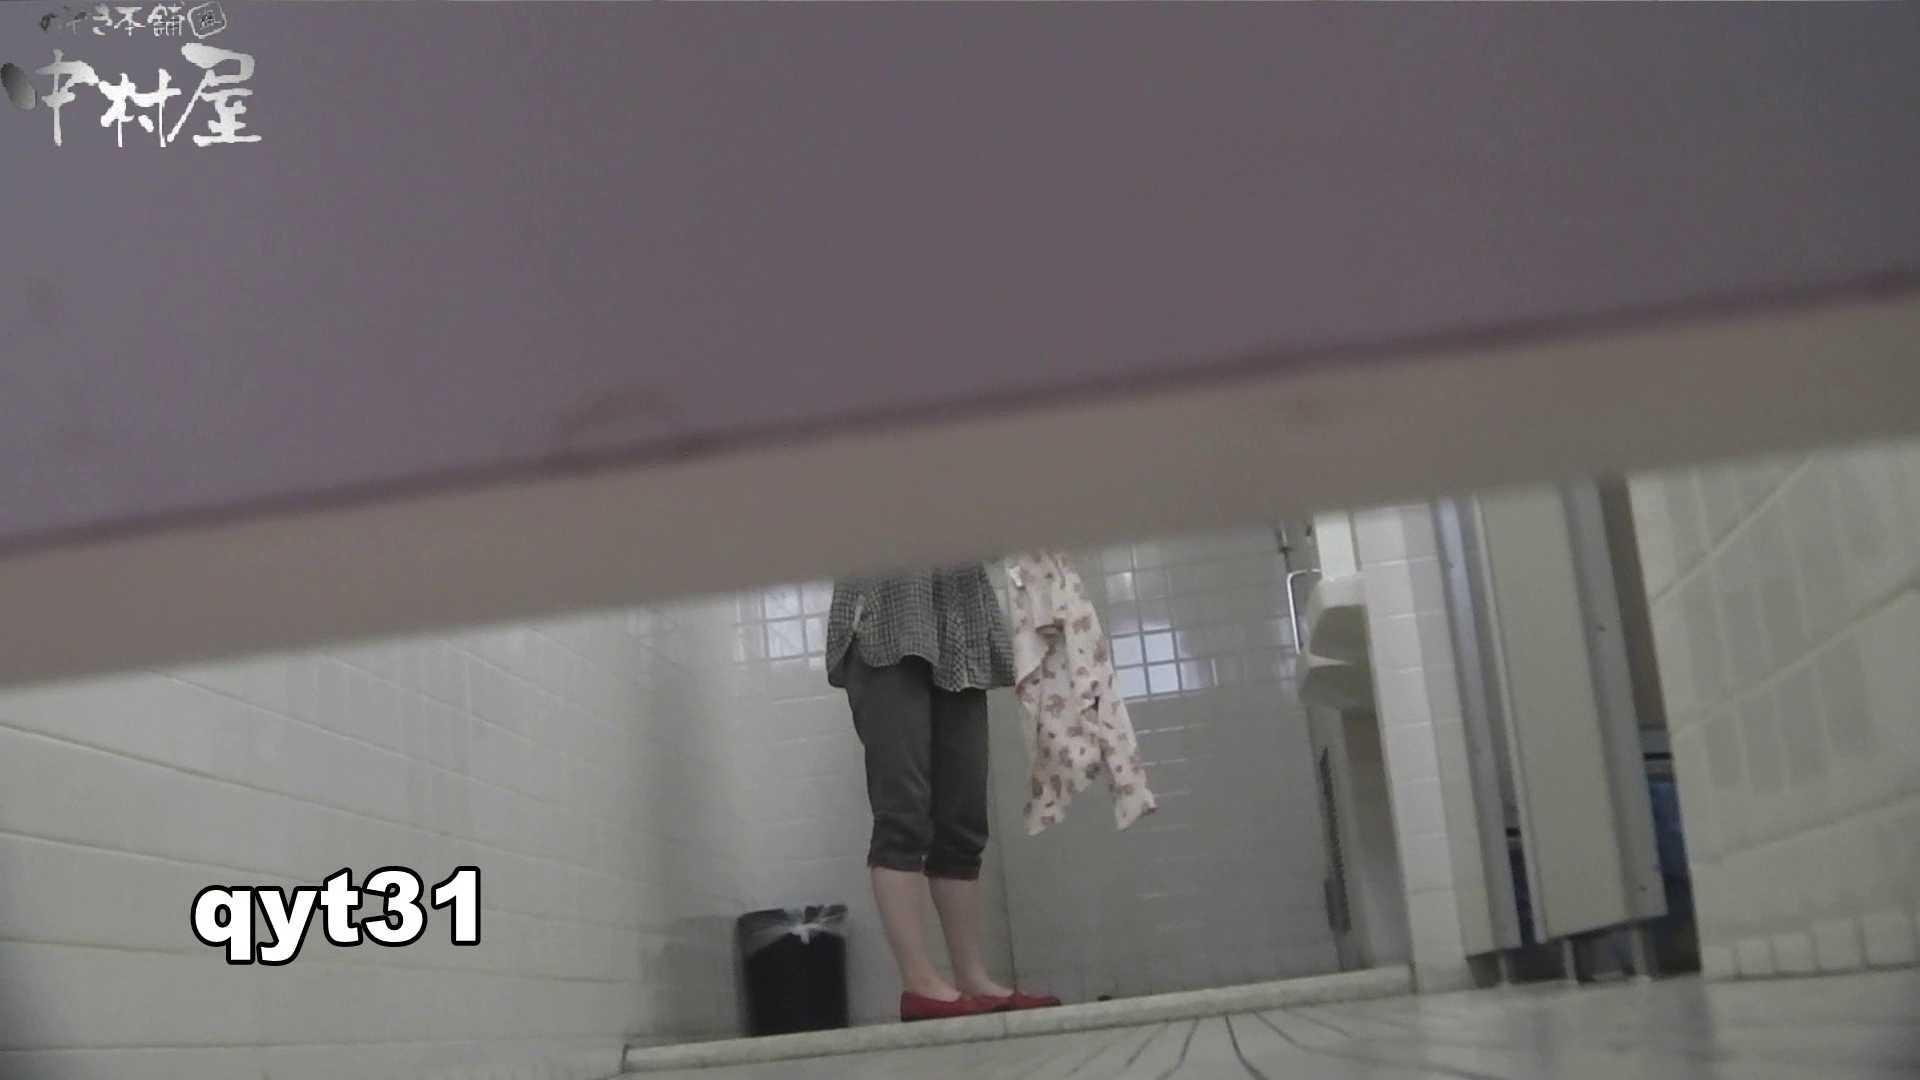 【お銀さんの「洗面所突入レポート!!」】お銀さんの「洗面所突入レポート!!」 vol.31 Σ(||゚Д゚)ヒィ~!! OLセックス  66画像 32